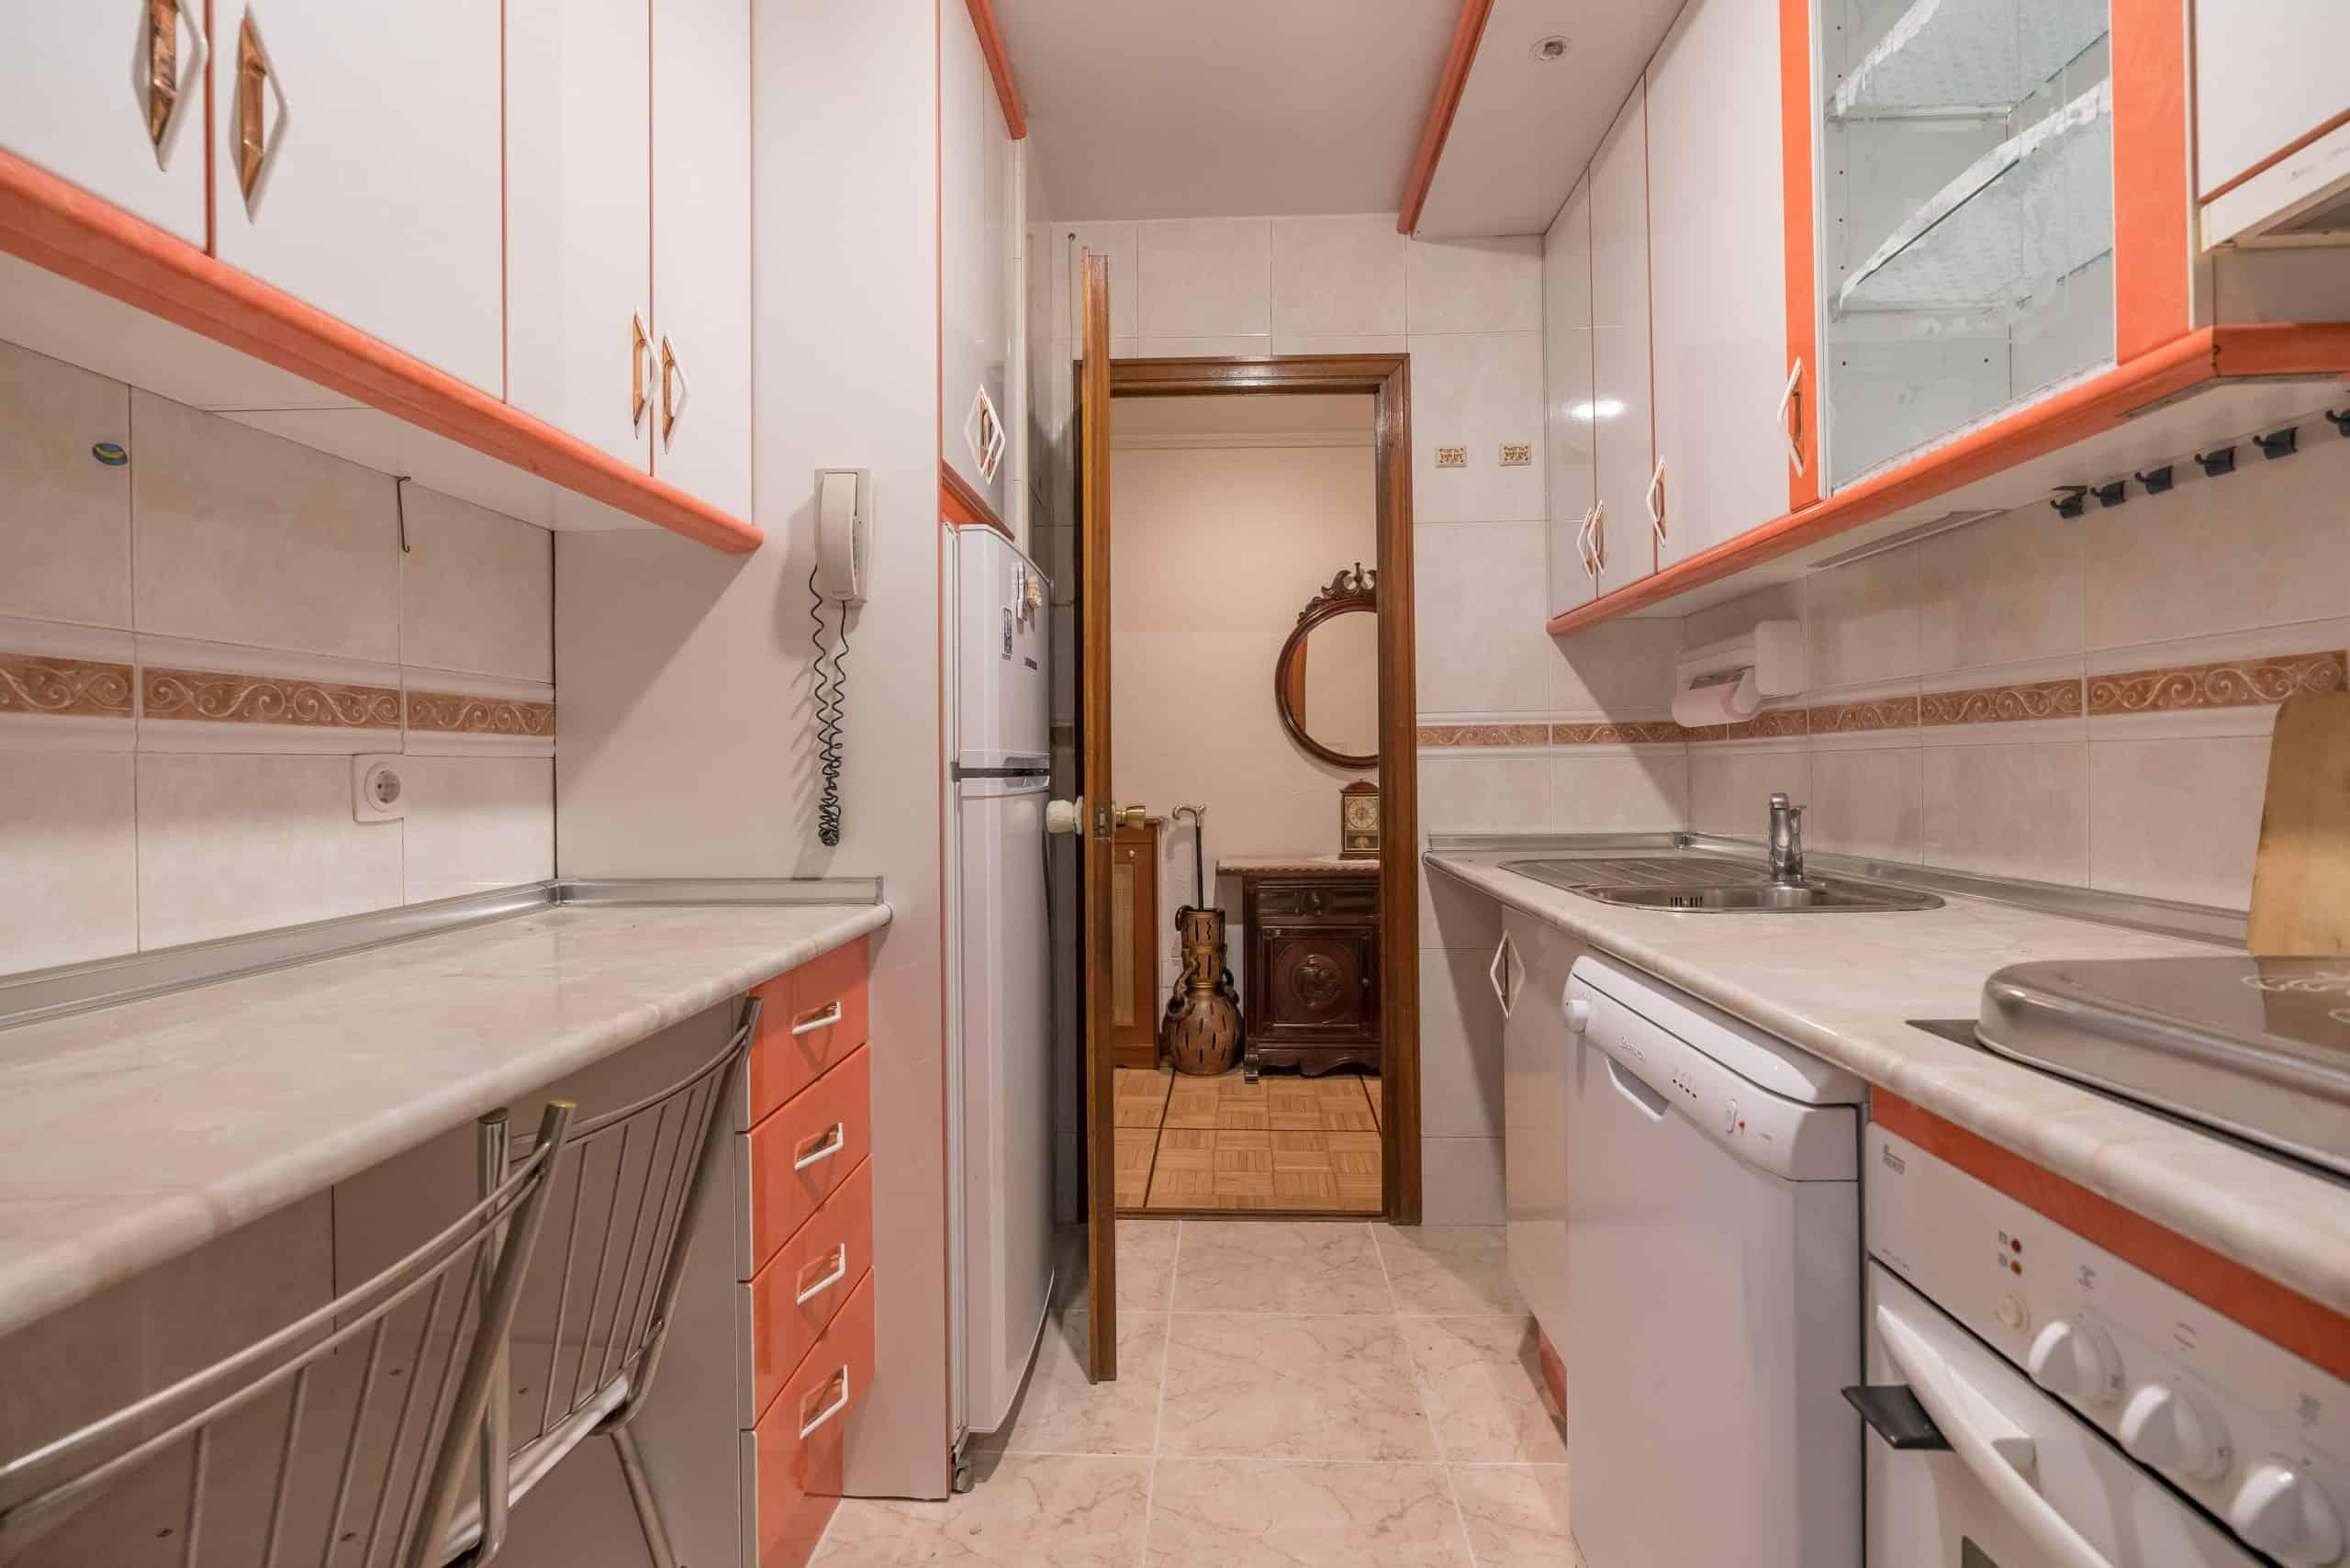 Agencia Inmobiliaria de Madrid-FUTUROCASA-Zona ARGANZUELA-EMBAJADORES-LEGAZPI -calle tomas borras- cocina1